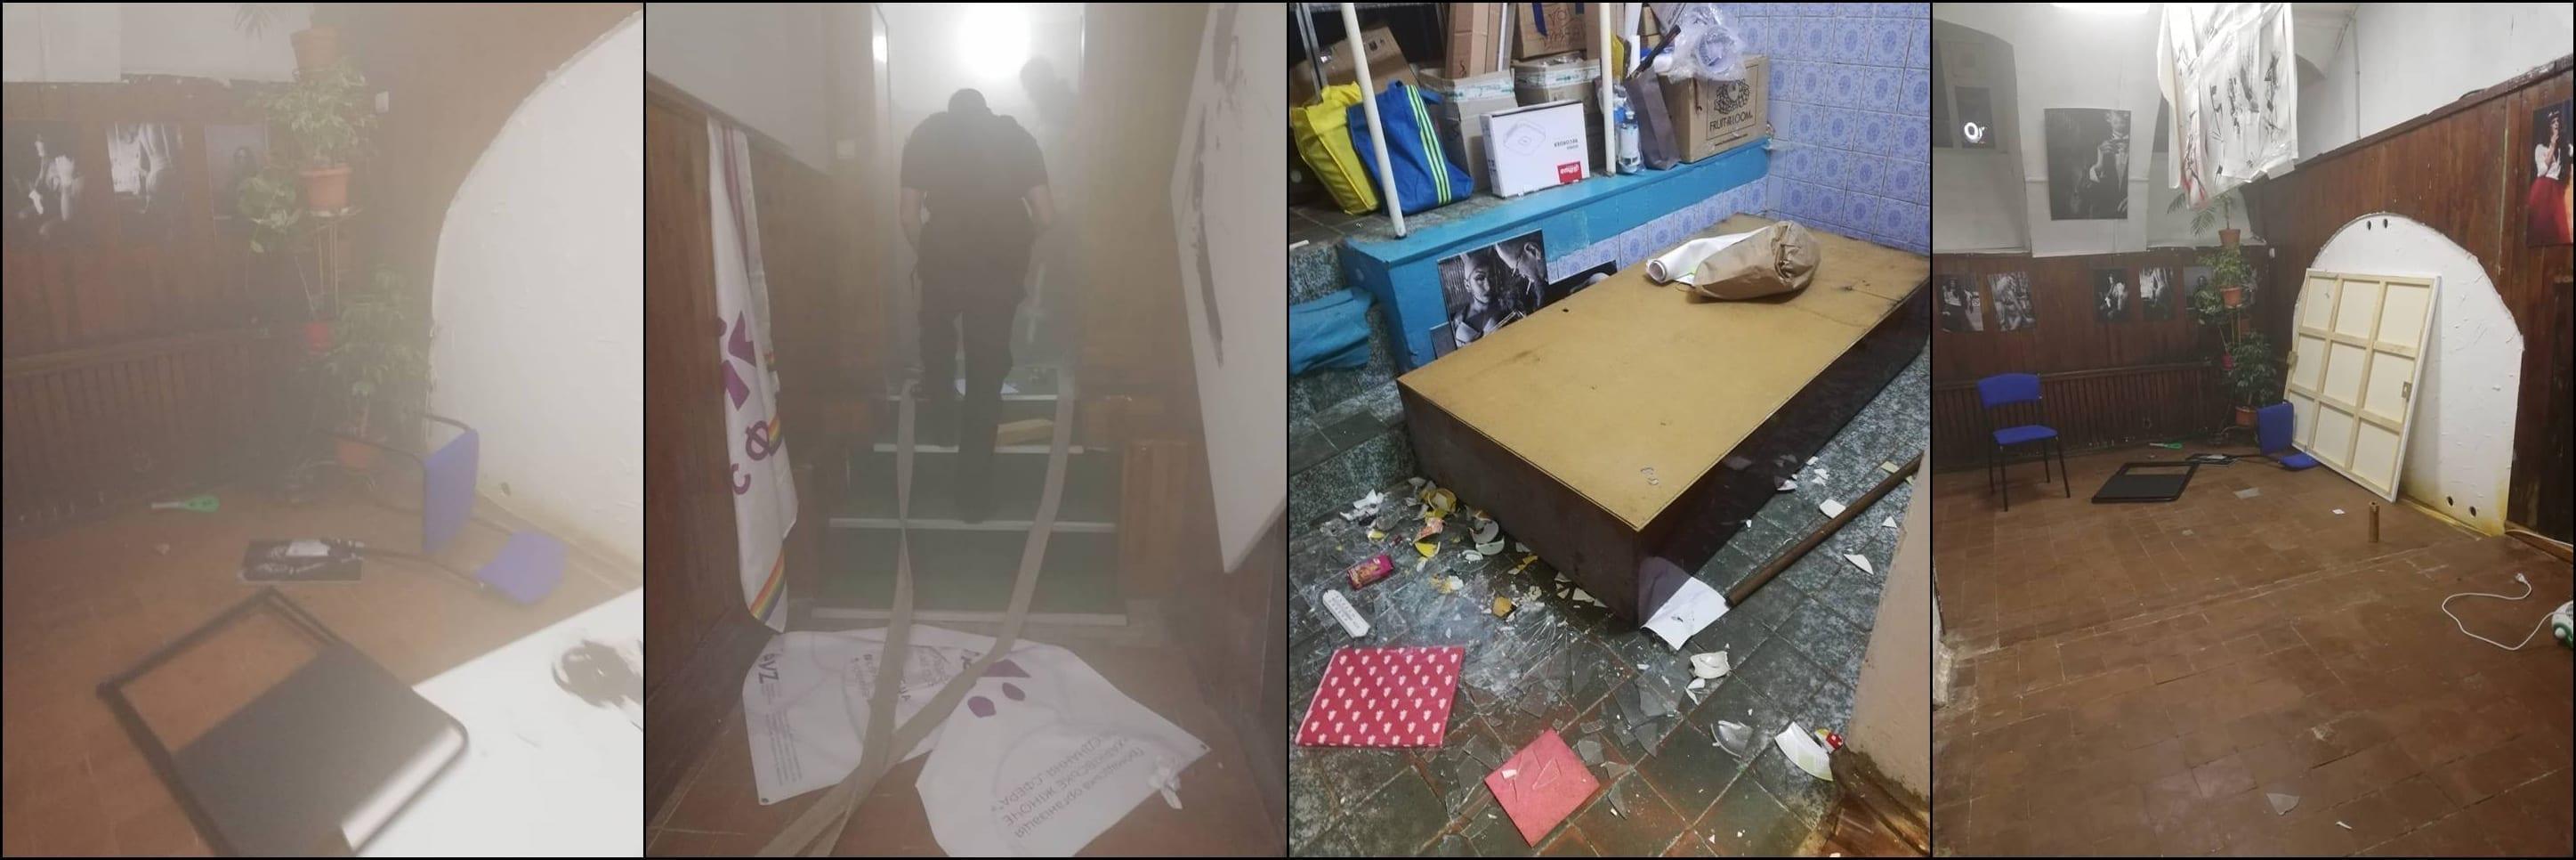 36623015 1309939599136977 430037341428514816 n horz 2 - Невідомі напали на ЛГБТ-простір у Харкові - Заборона